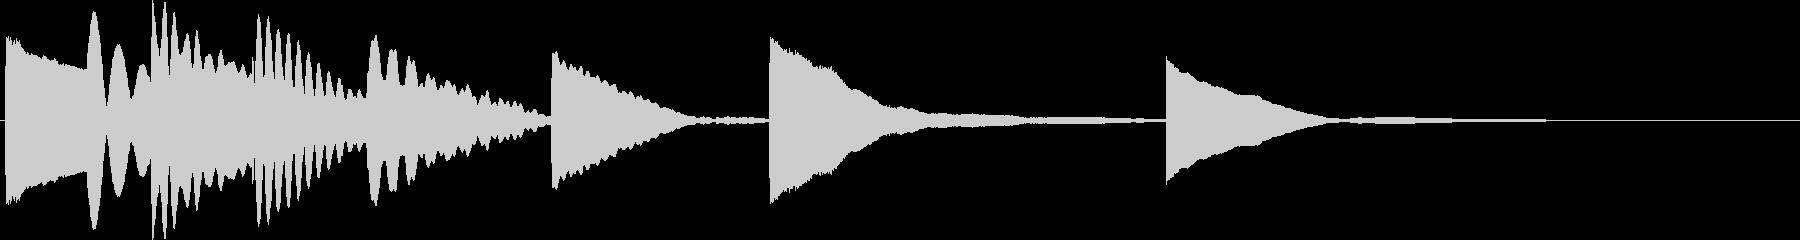 マリンバの短いロゴの未再生の波形